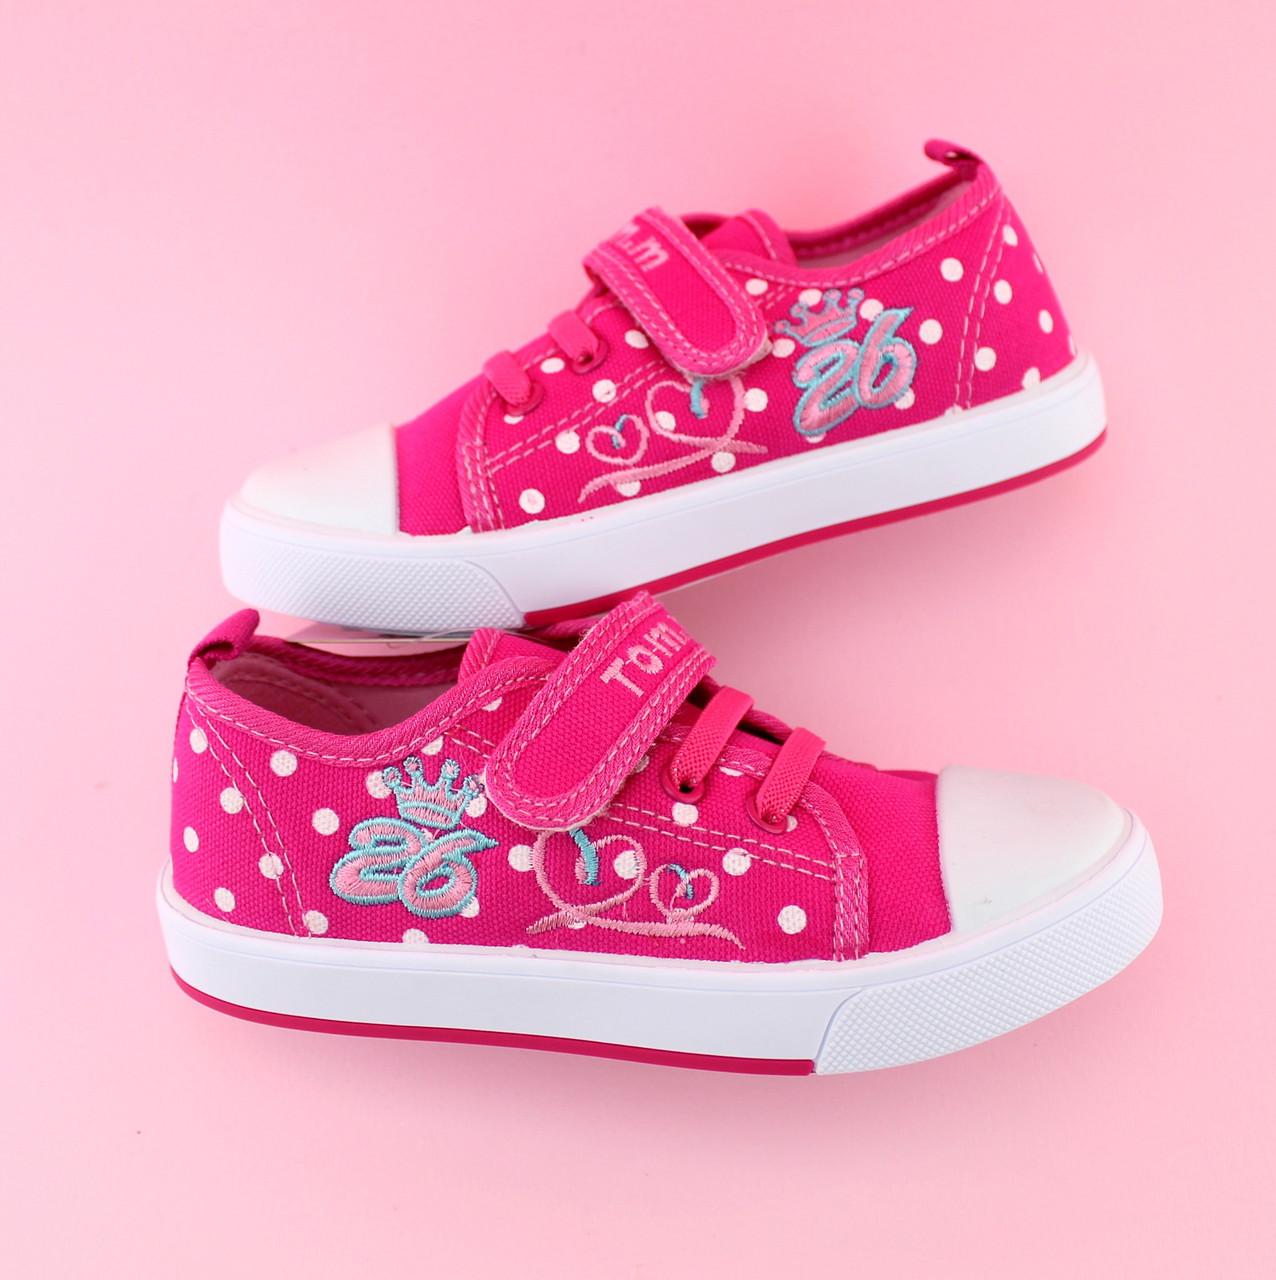 e174d28b Детские кеды девочке розовые серия обуви для спорта тм Том.м размер 25,26